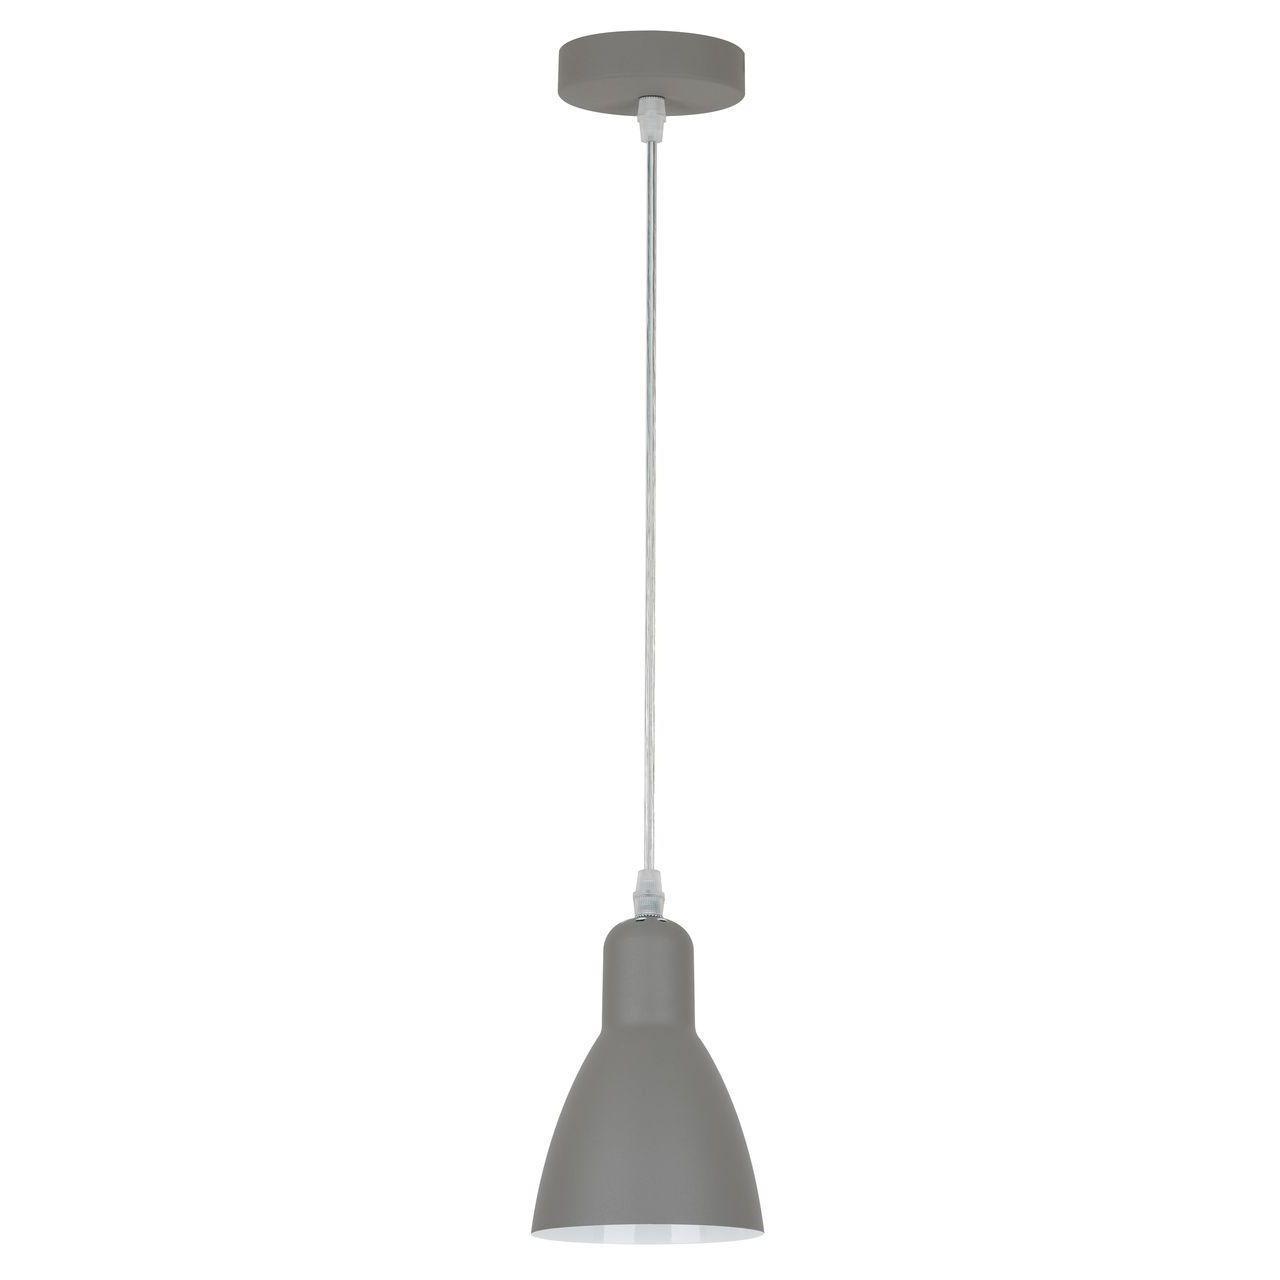 Подвесной светильник Arte Lamp Mercoled A5049SP-1GY подвесной светильник arte lamp mercoled a5049sp 1gy